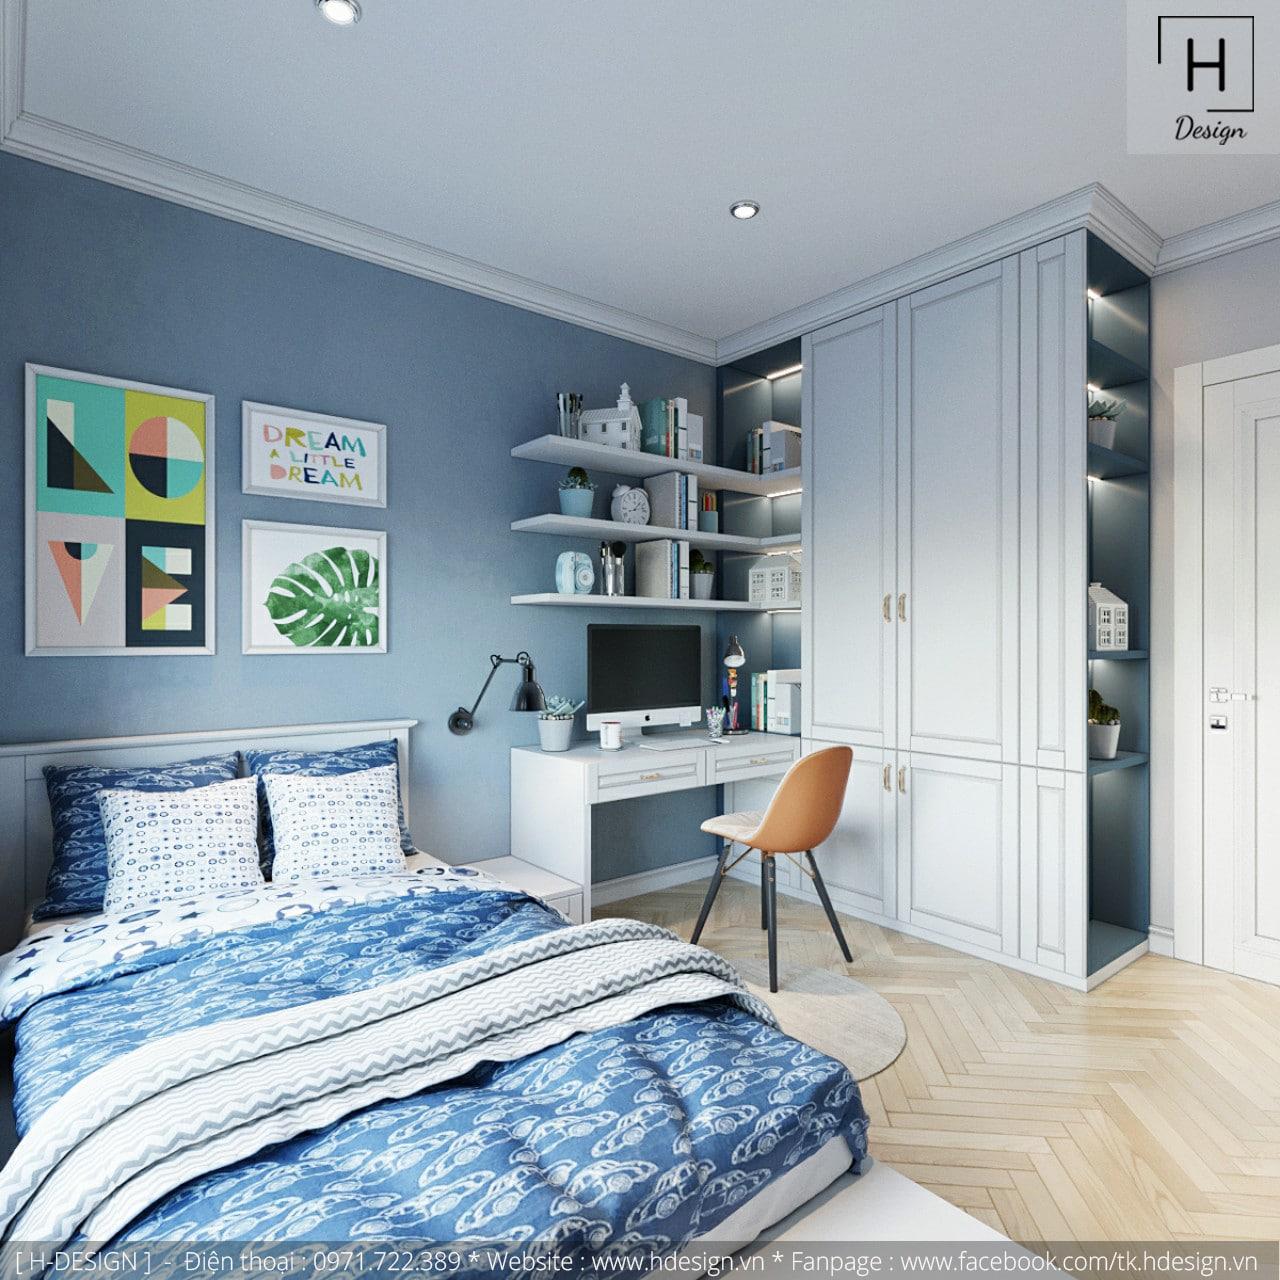 Thiết kế thi công nội thất chung cư Kosmo tại Hà Nội 6